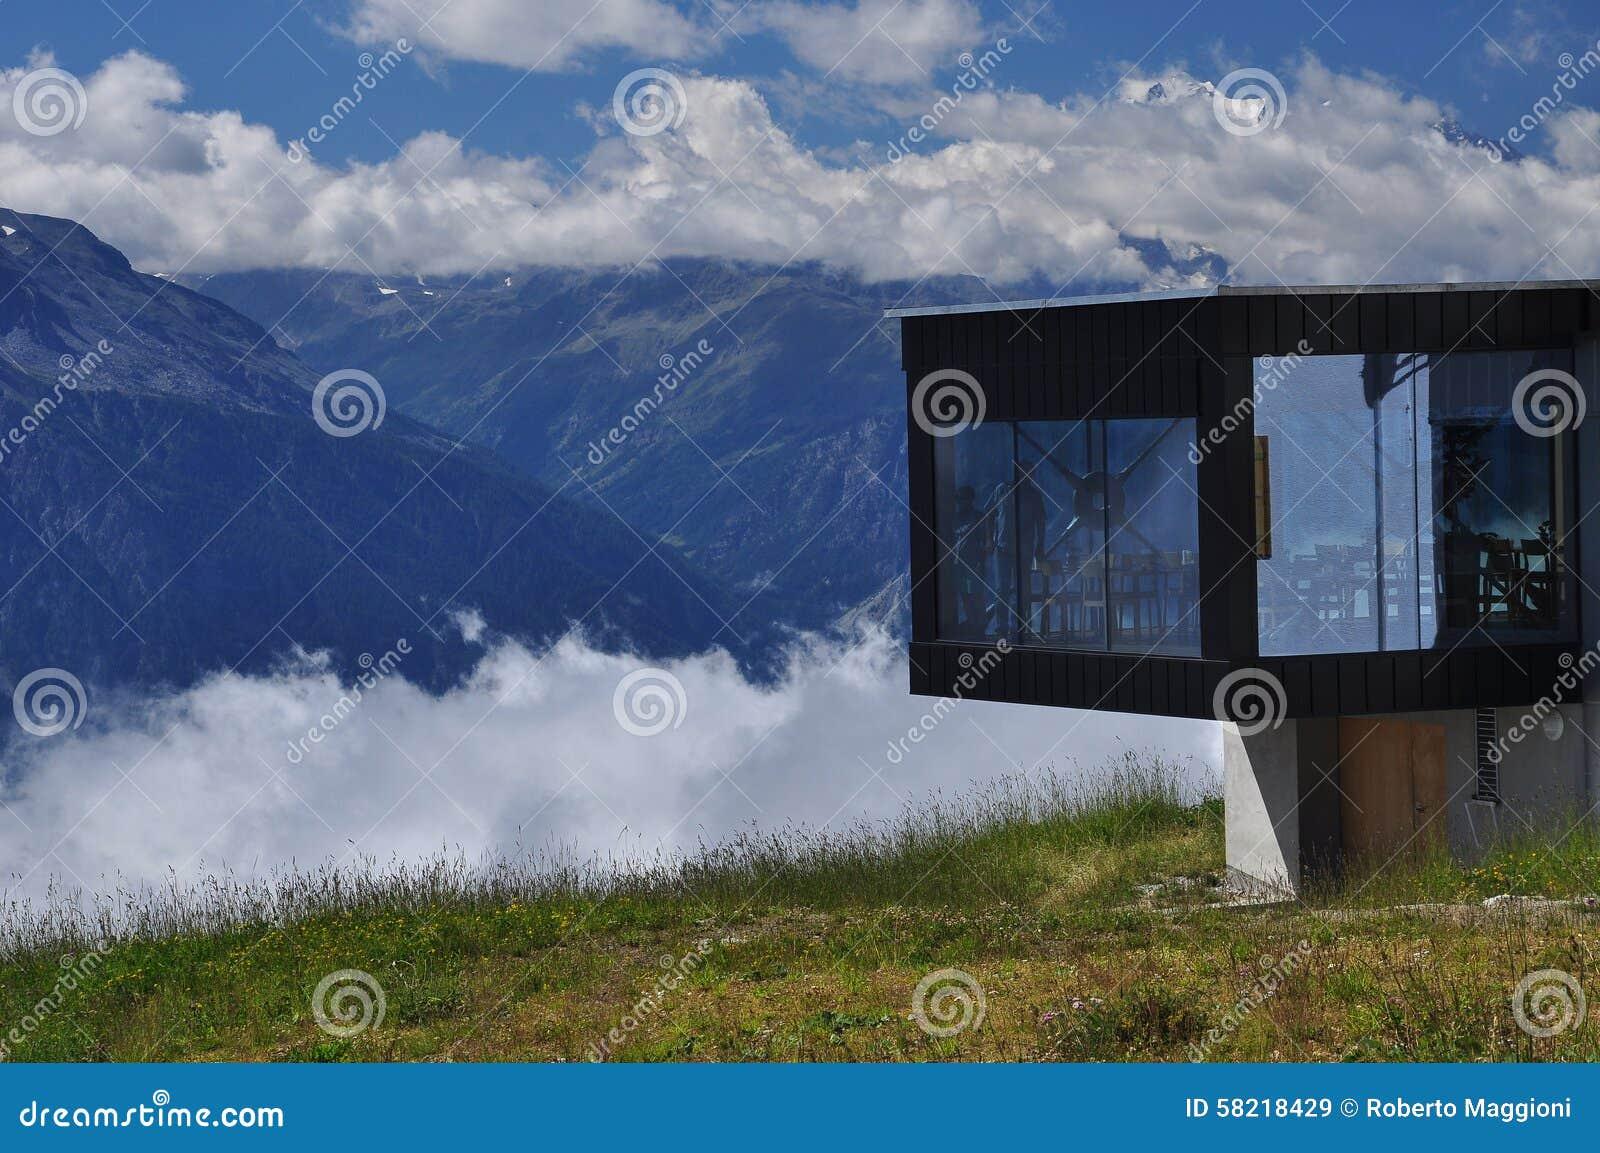 Schweizer Moderne rchitektur Belalp, Wallis, Die Schweiz ... size: 1300 x 953 post ID: 7 File size: 0 B